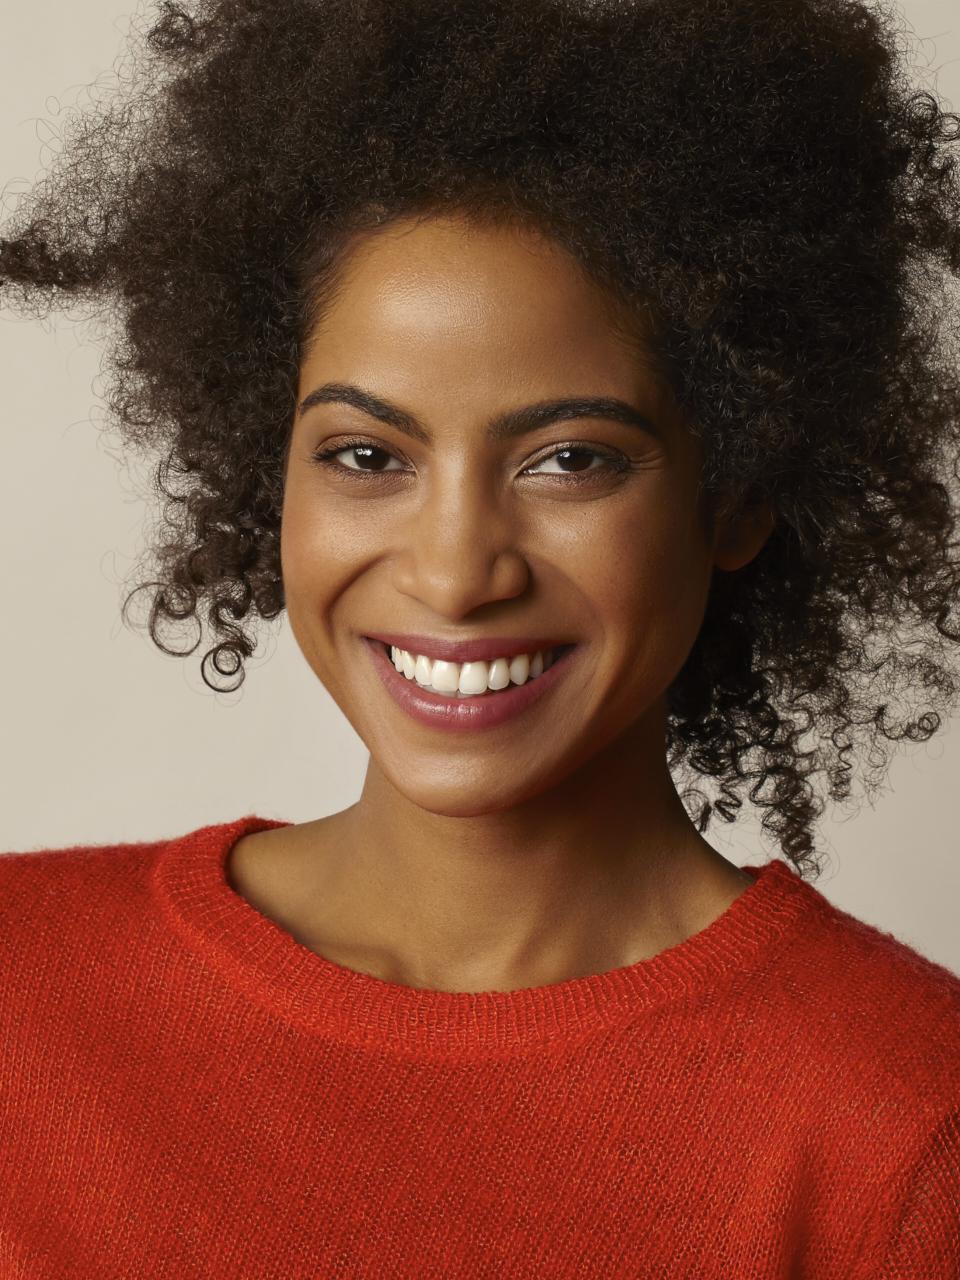 Publicité portrait femme cosmétique